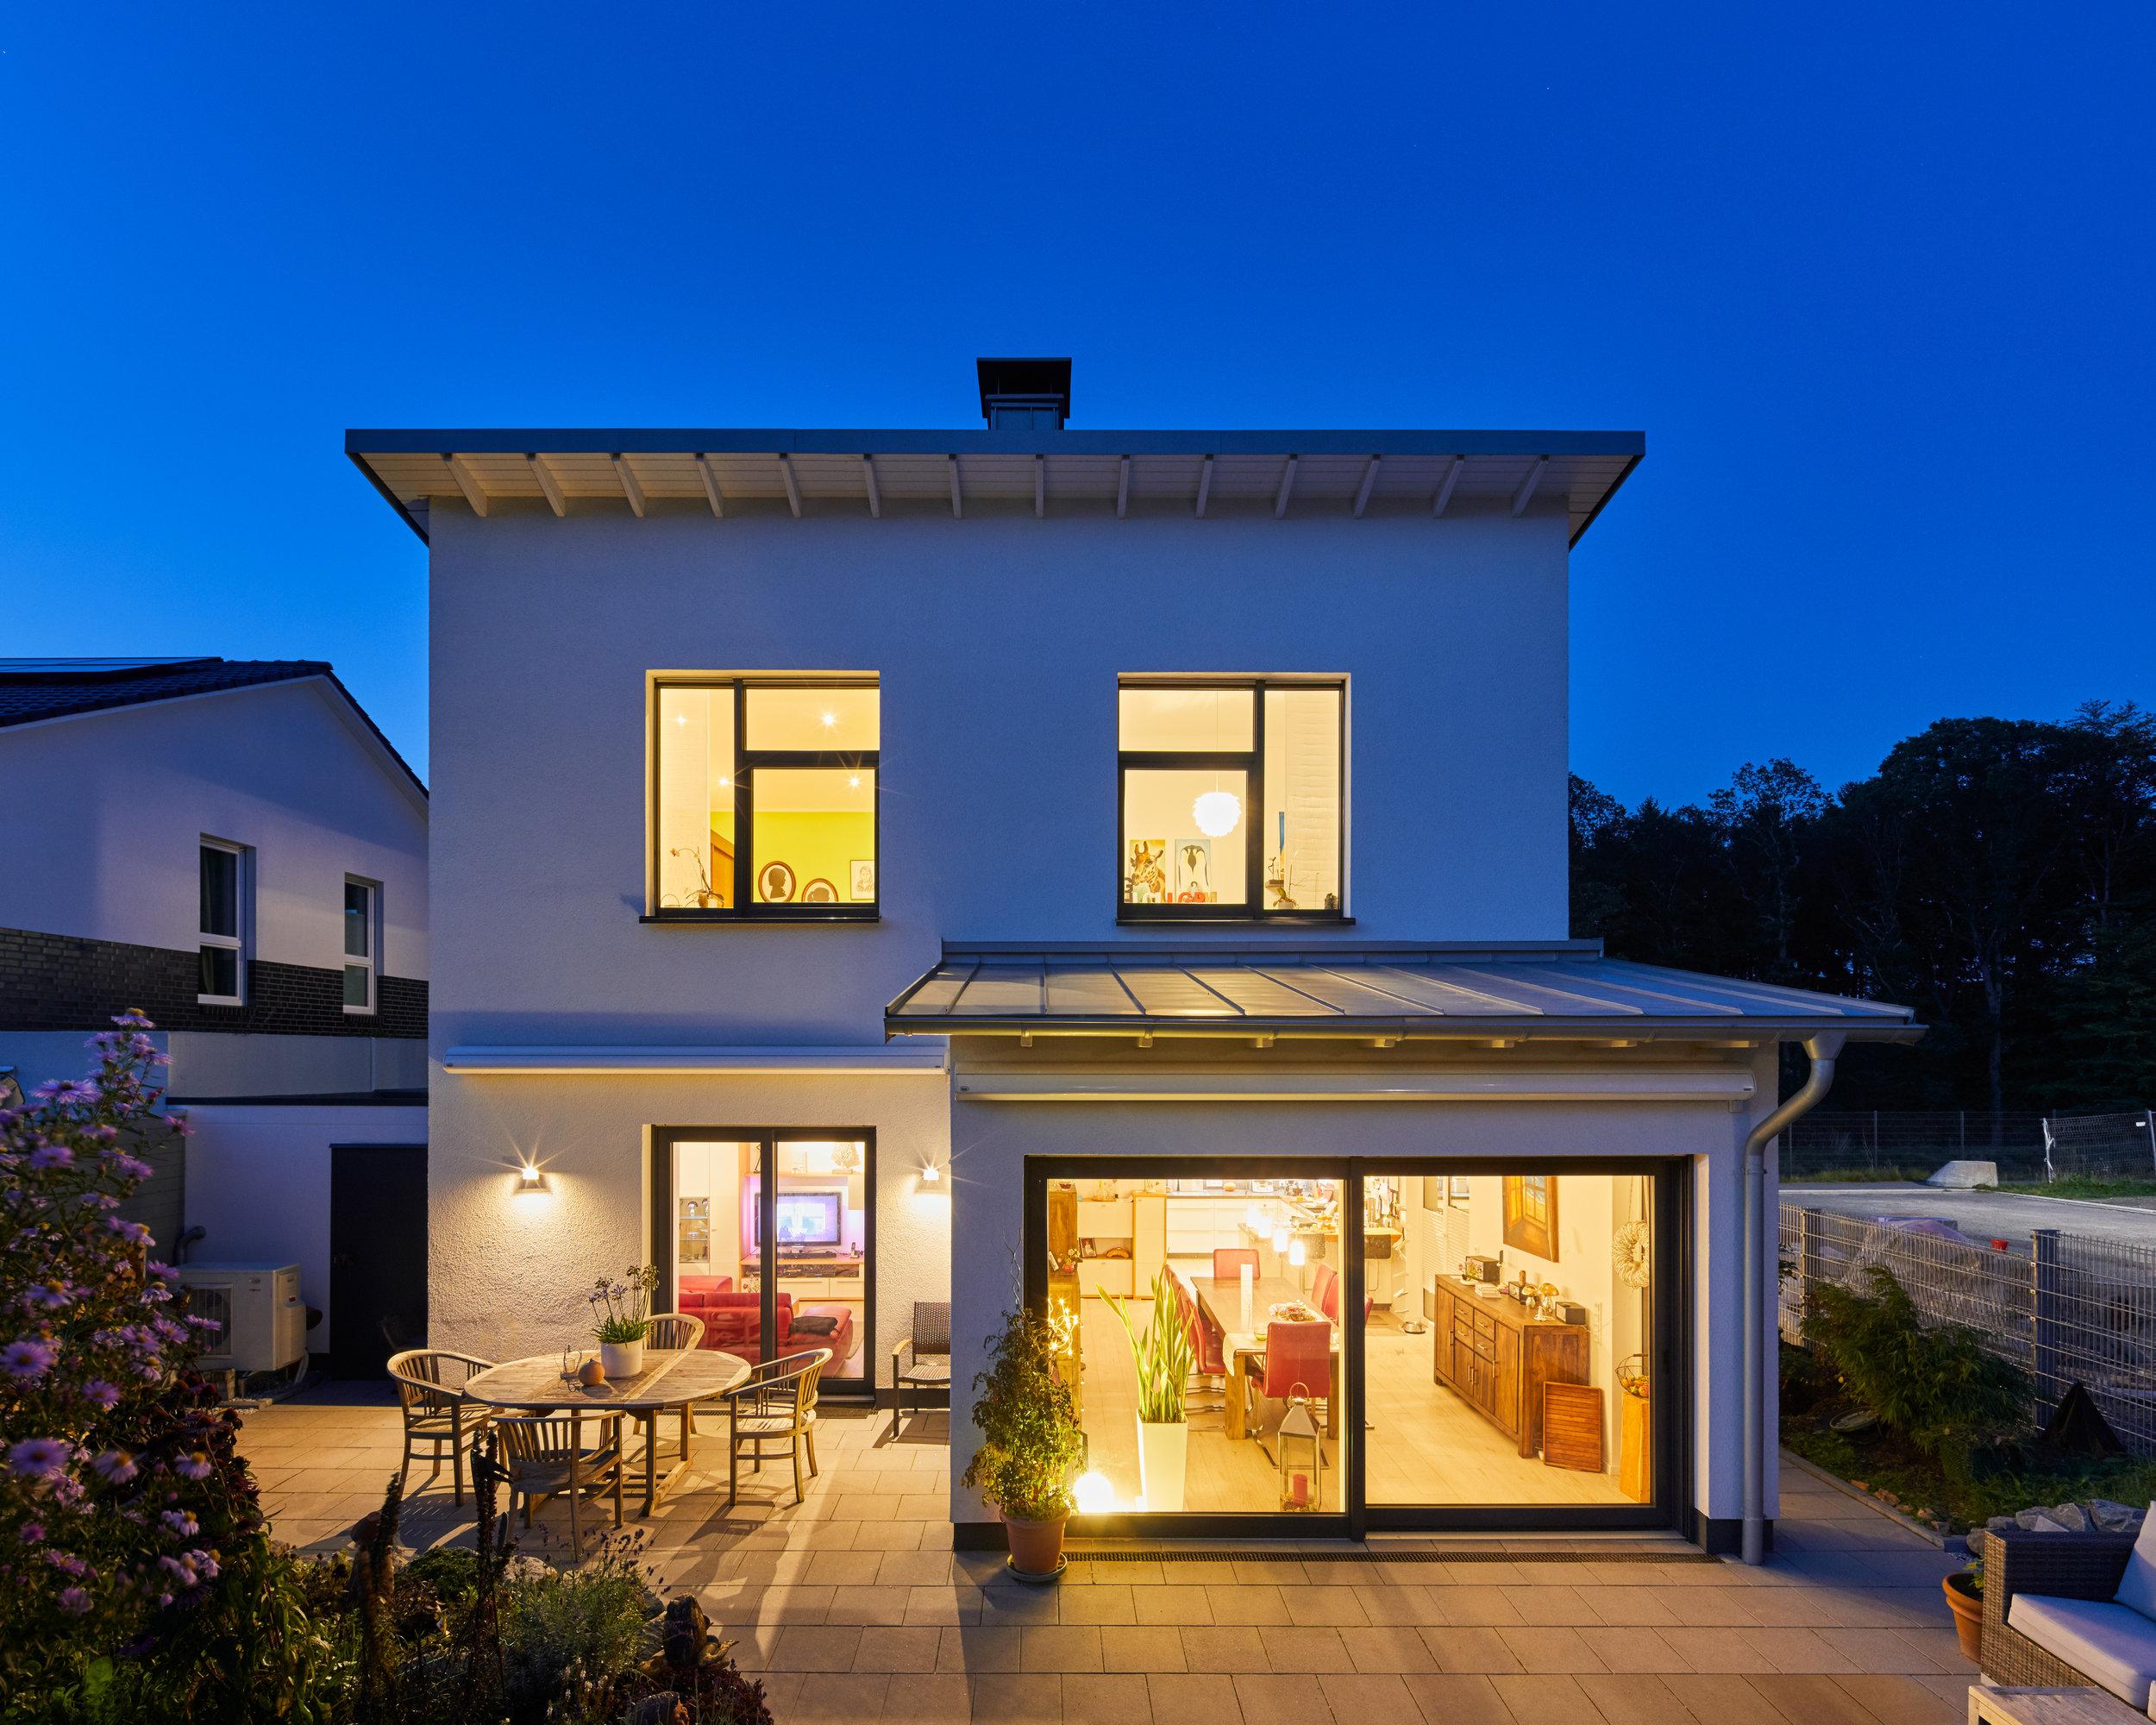 einfamilienhaus-winterberg-schwelm-04.jpg